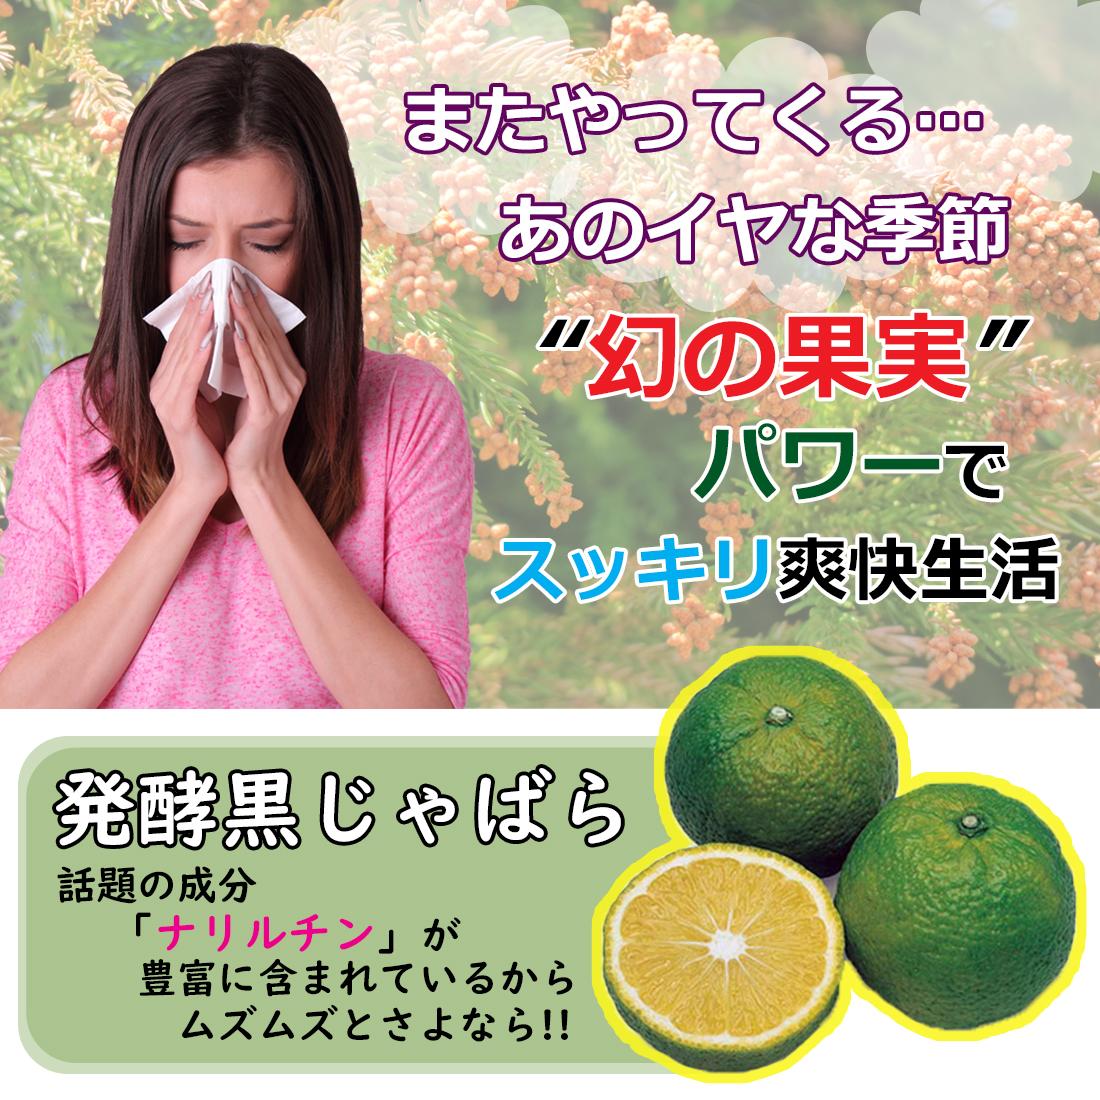 アレルディフェンス 花粉症